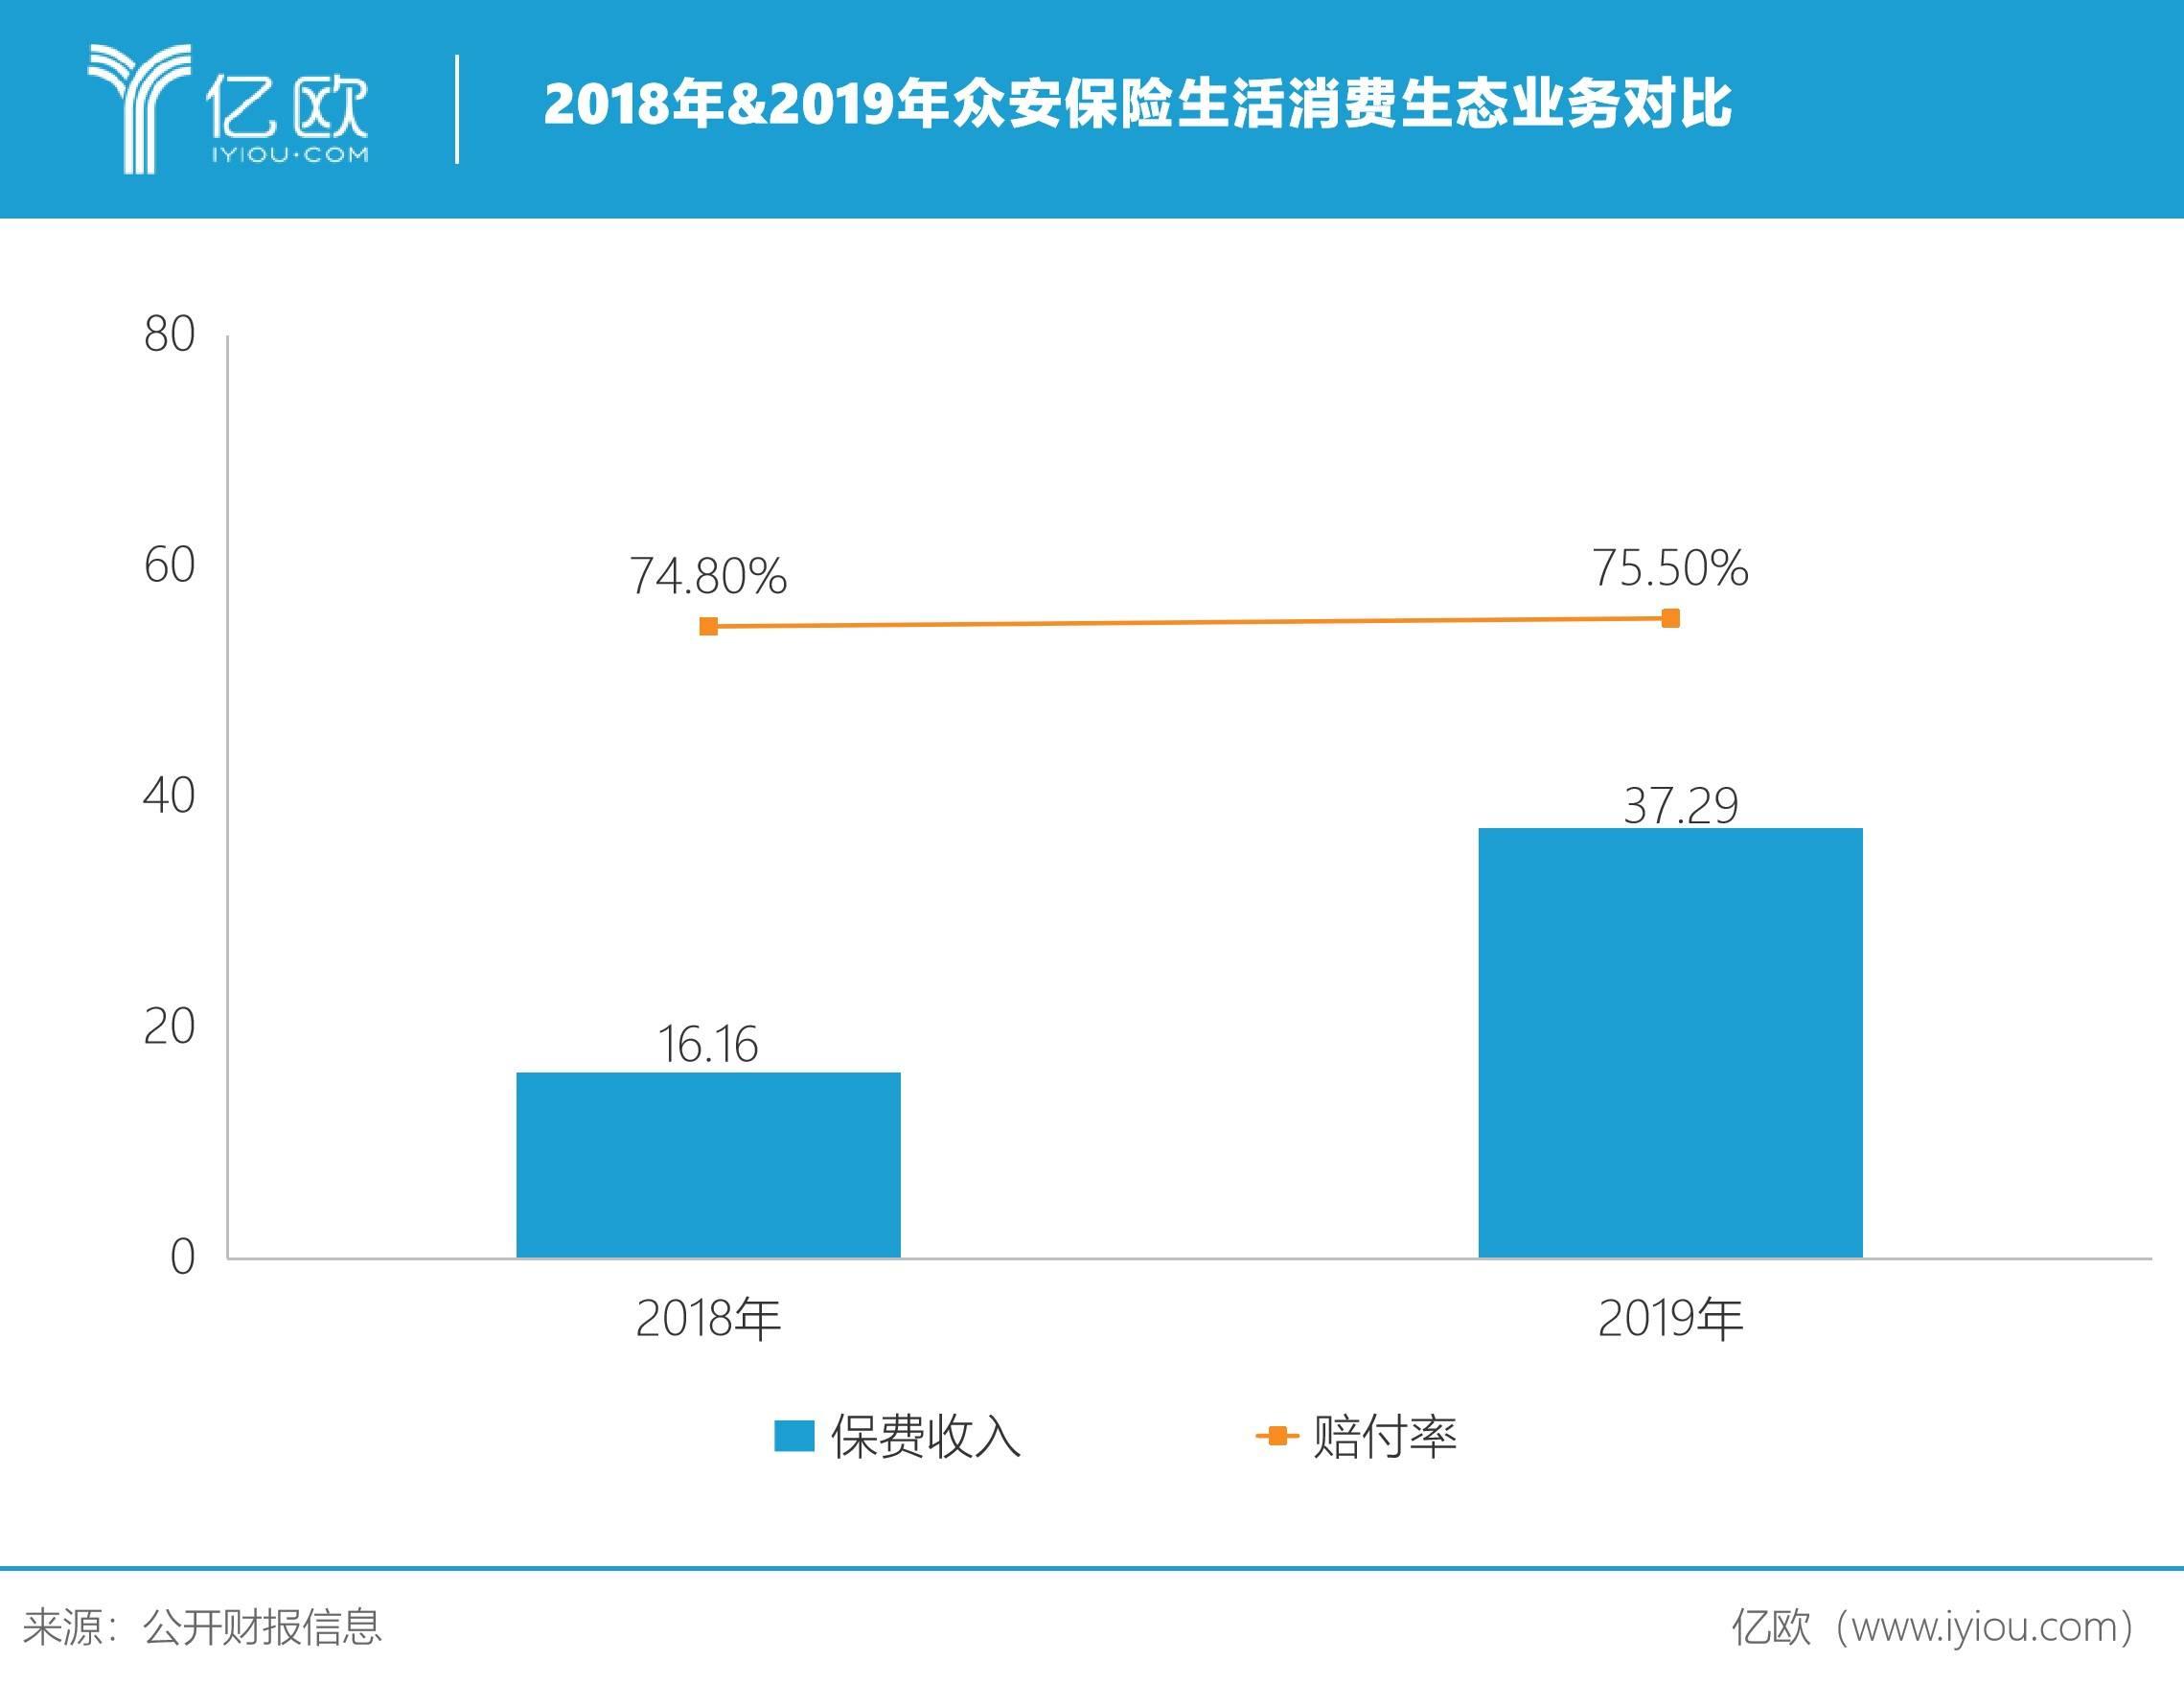 2018&2019年众安保险生活消费生态业务对比